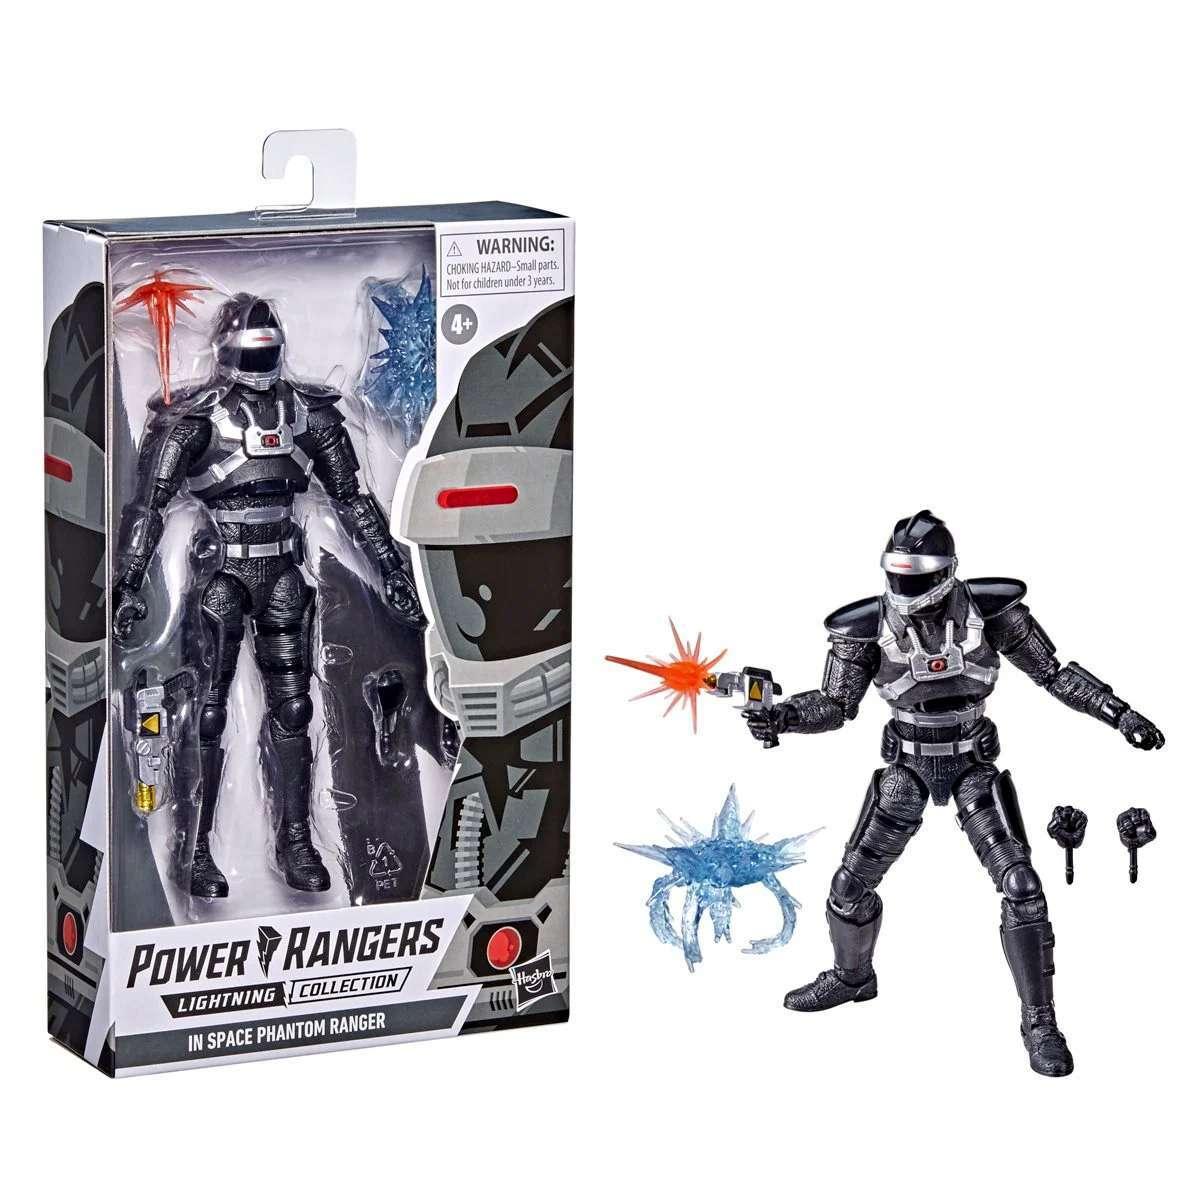 power-rangers-phantom-ranger